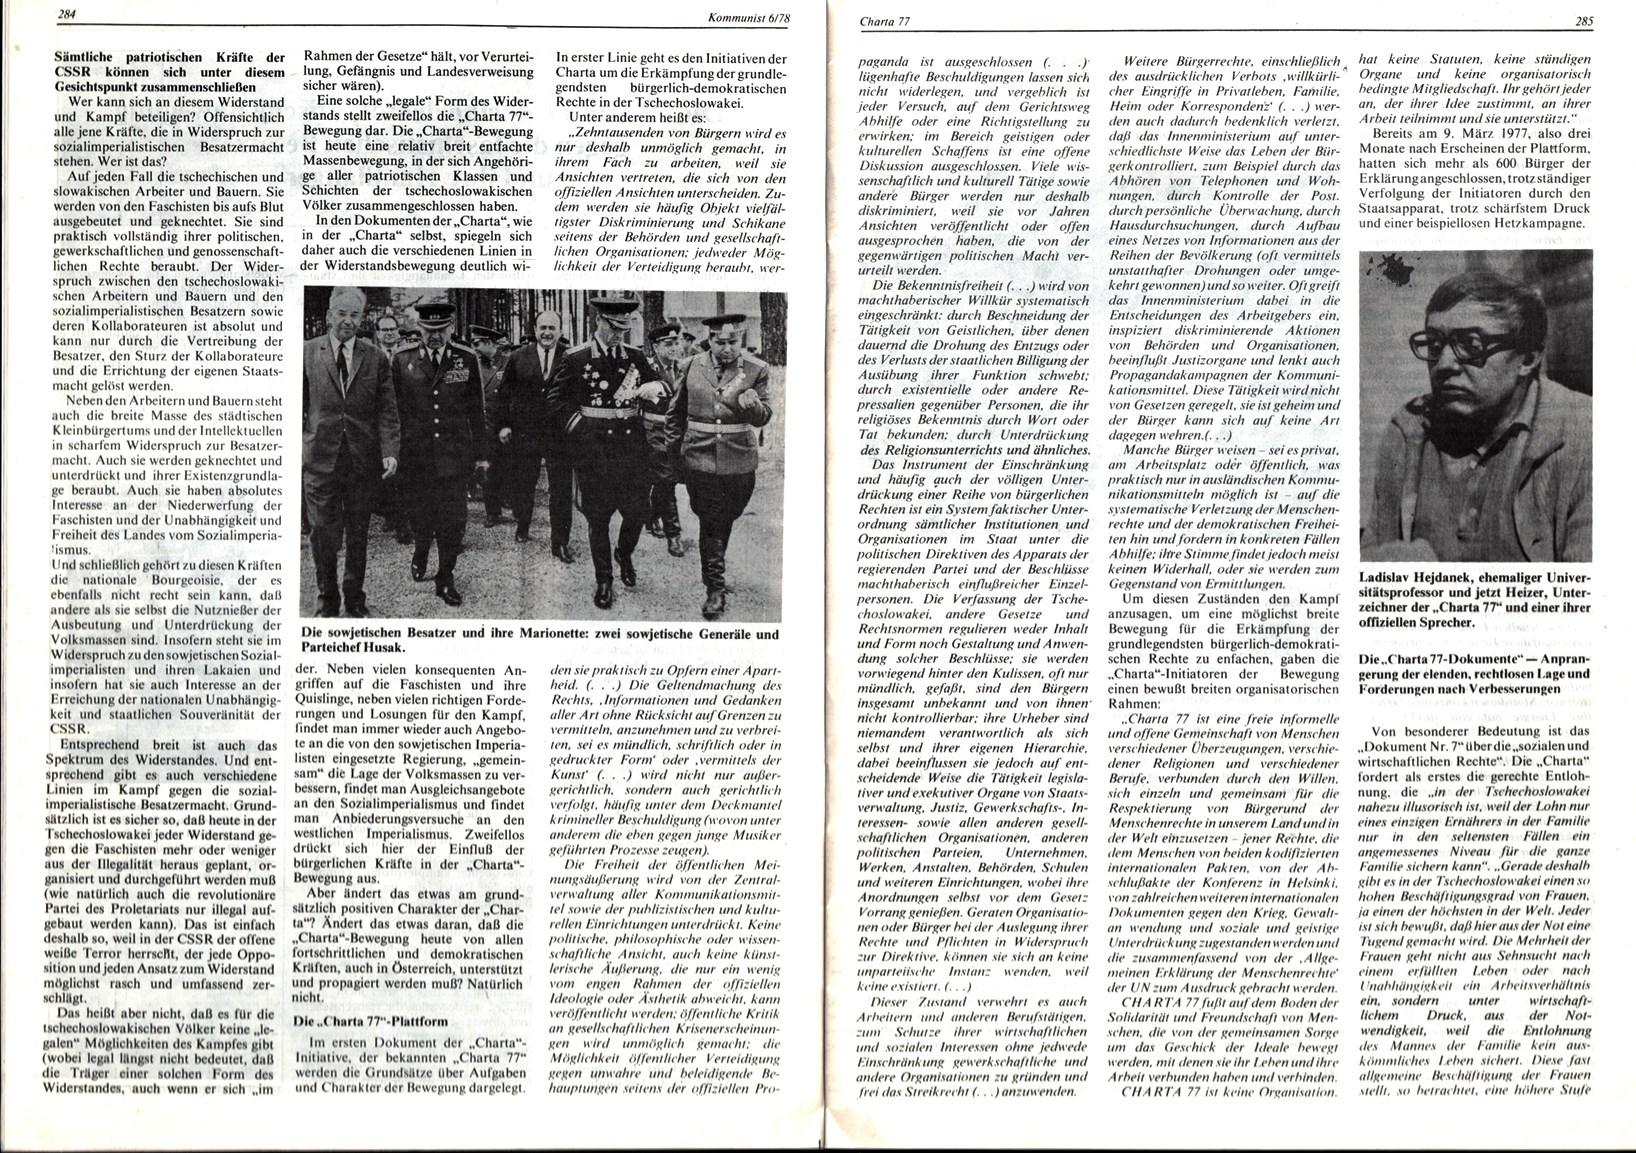 KBOe_TO_Kommunist_19780800_006_006